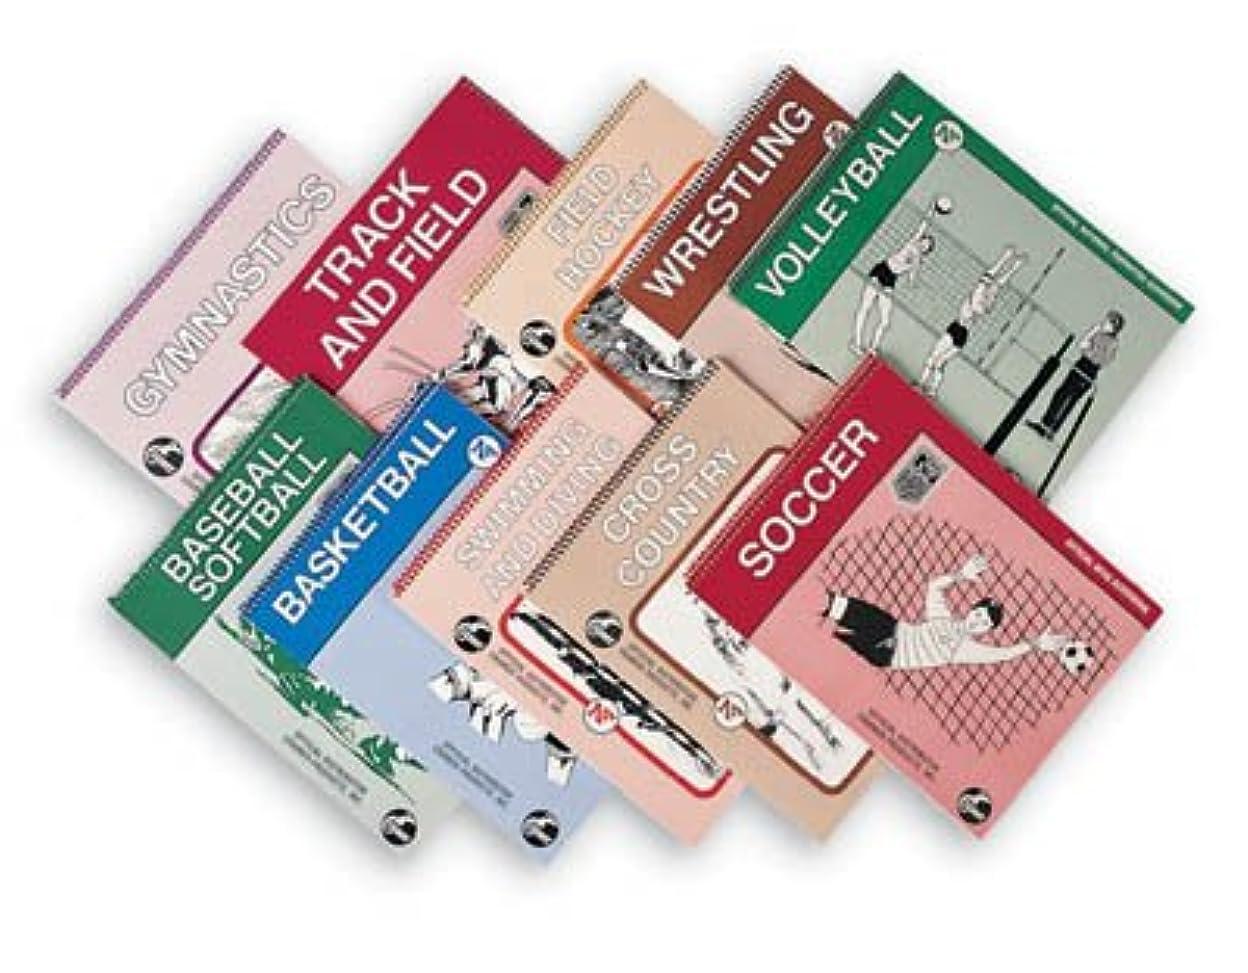 フェミニン大宇宙価値のないNFHS High School公式Scorebooks (野球/ソフトボール、バスケットボール、トラック/フィールド、ラリークロス国、体操、サッカー、バレーボール、レスリング、フィールドホッケー